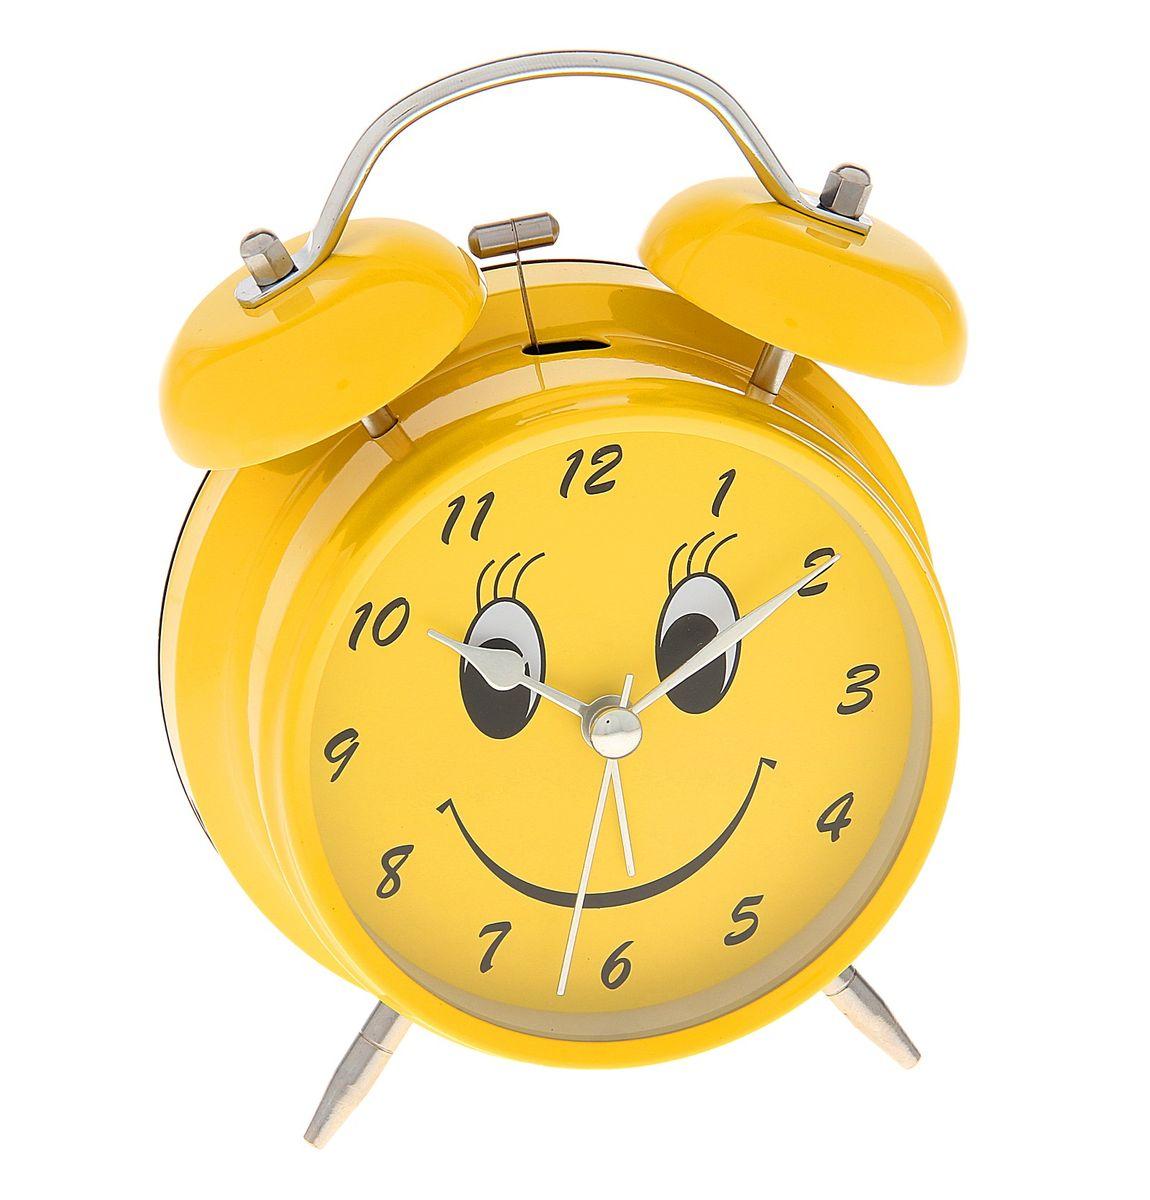 Часы-будильник Sima-land Смайл, цвет: желтый. 720829720829Как же сложно иногда вставать вовремя! Всегда так хочется поспать еще хотя бы 5 минут и бывает, что мы просыпаем. Теперь этого не случится! Яркий, оригинальный будильник Sima-land Смайл поможет вам всегда вставать в нужное время и успевать везде и всюду. Корпус будильника выполнен из металла. Циферблат оформлен изображением веселого смайла. Часы снабжены 4 стрелками (секундная, минутная, часовая и для будильника). На задней панели будильника расположен переключатель включения/выключения механизма, а также два колесика для настройки текущего времени и времени звонка будильника. Часы снабжены подсветкой, которая включается нажатием на кнопку с задней стороны. Пользоваться будильником очень легко: нужно всего лишь поставить батарейку, настроить точное время и установить время звонка. Необходимо докупить 1 батарейку типа АА (не входит в комплект).